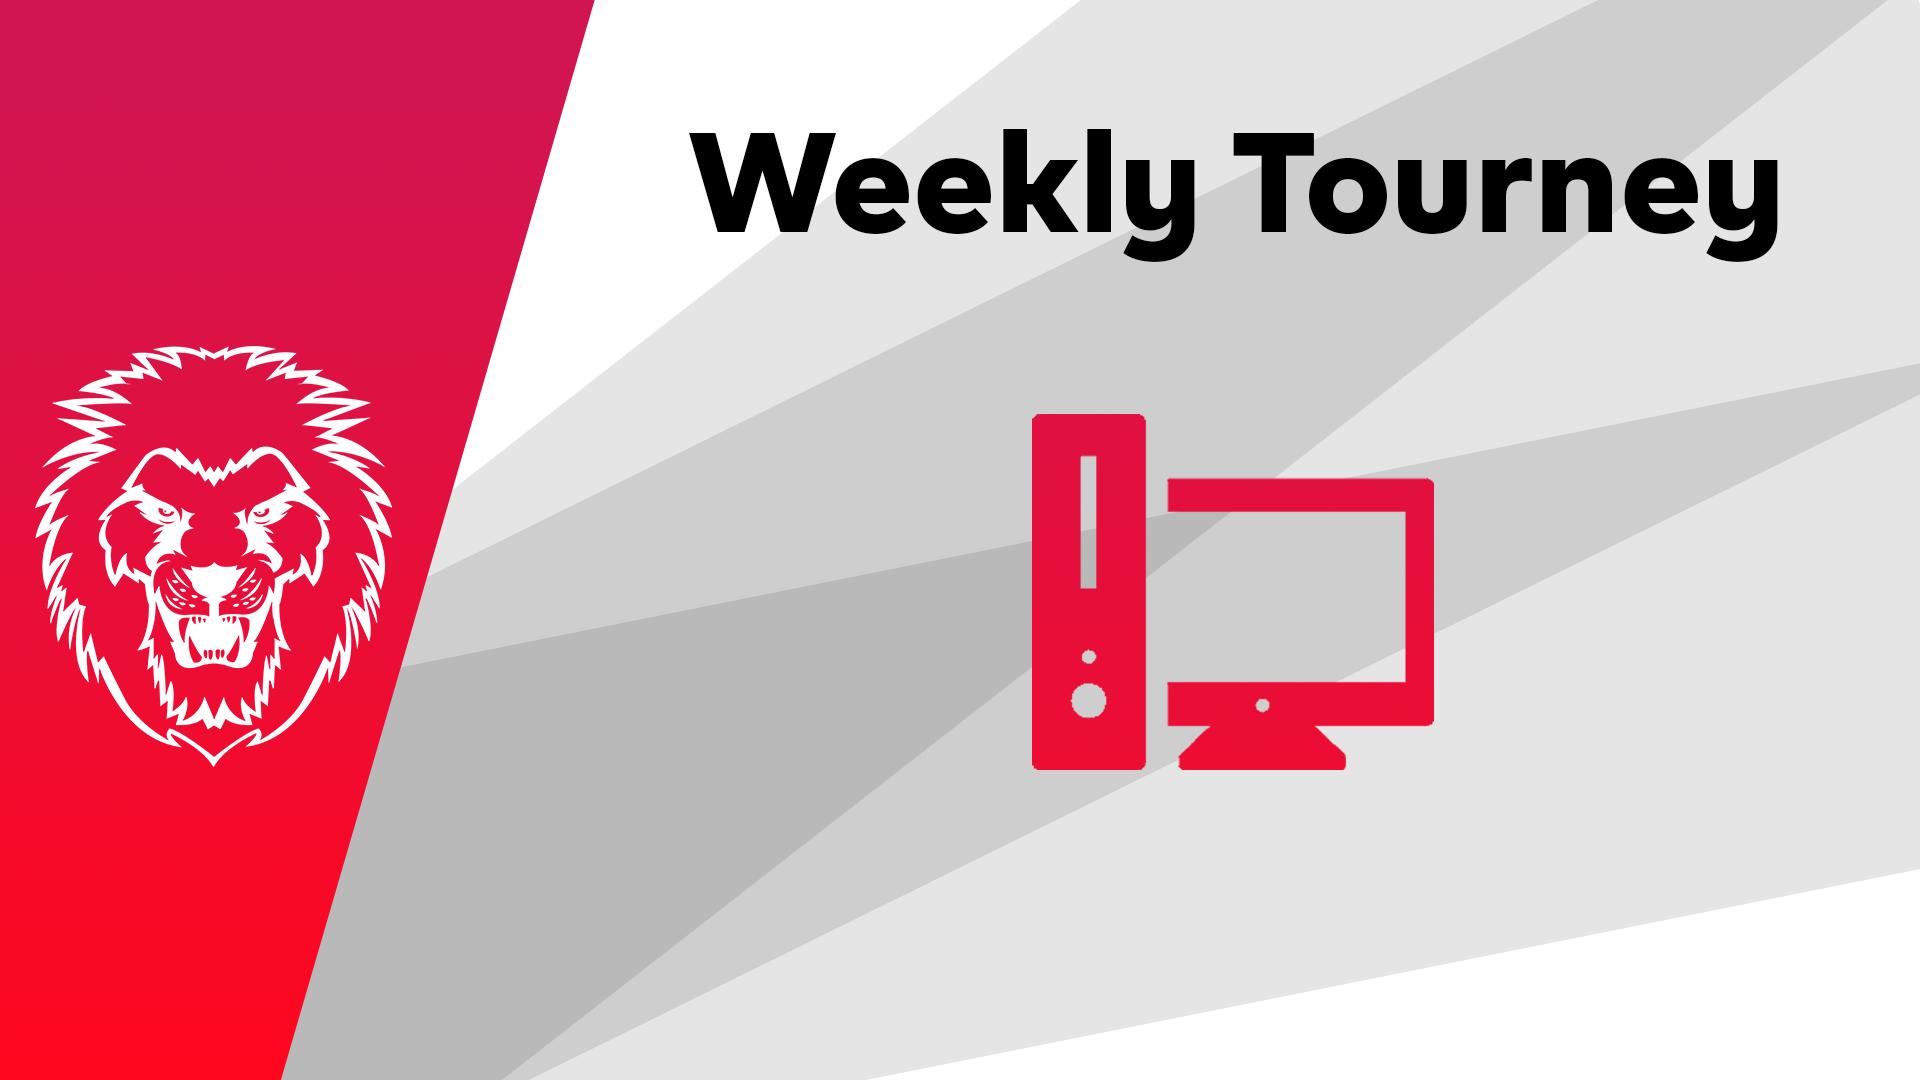 Logo Turnier Rainbow Six Weekly Tourney - PC #5